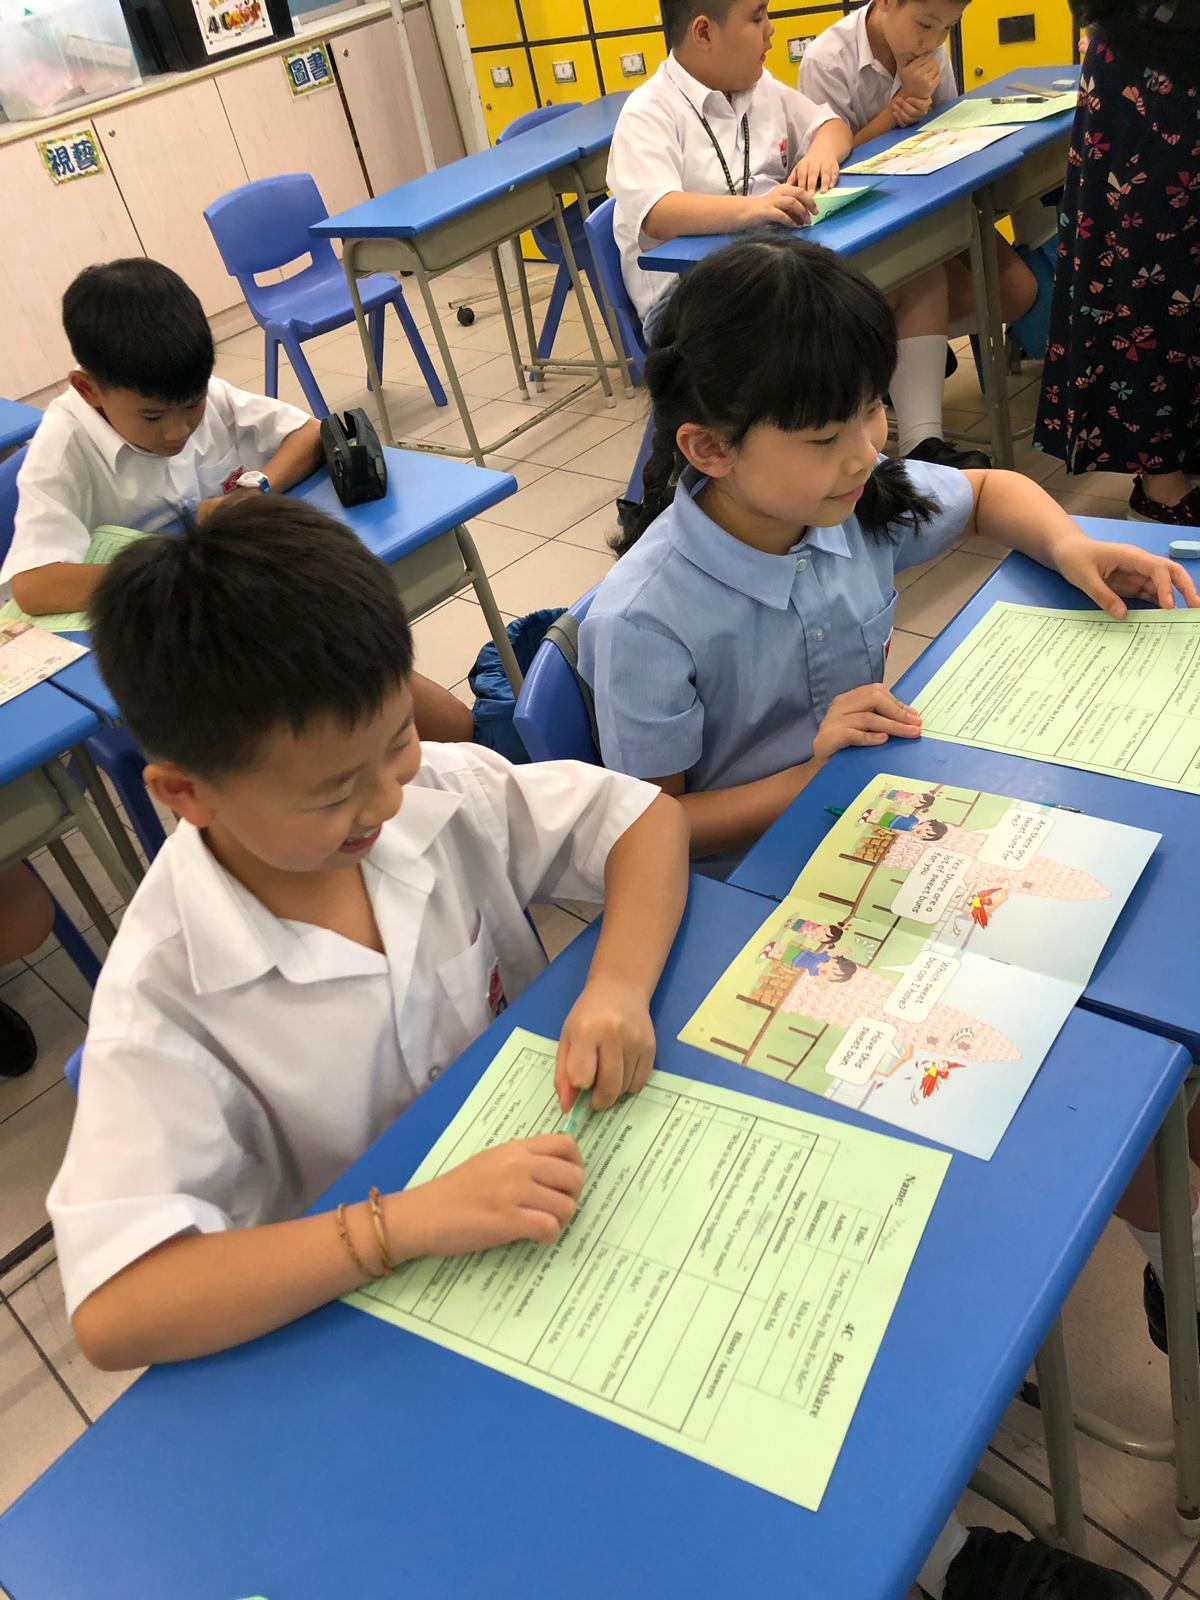 http://www.keiwan.edu.hk/sites/default/files/51_1.jpg